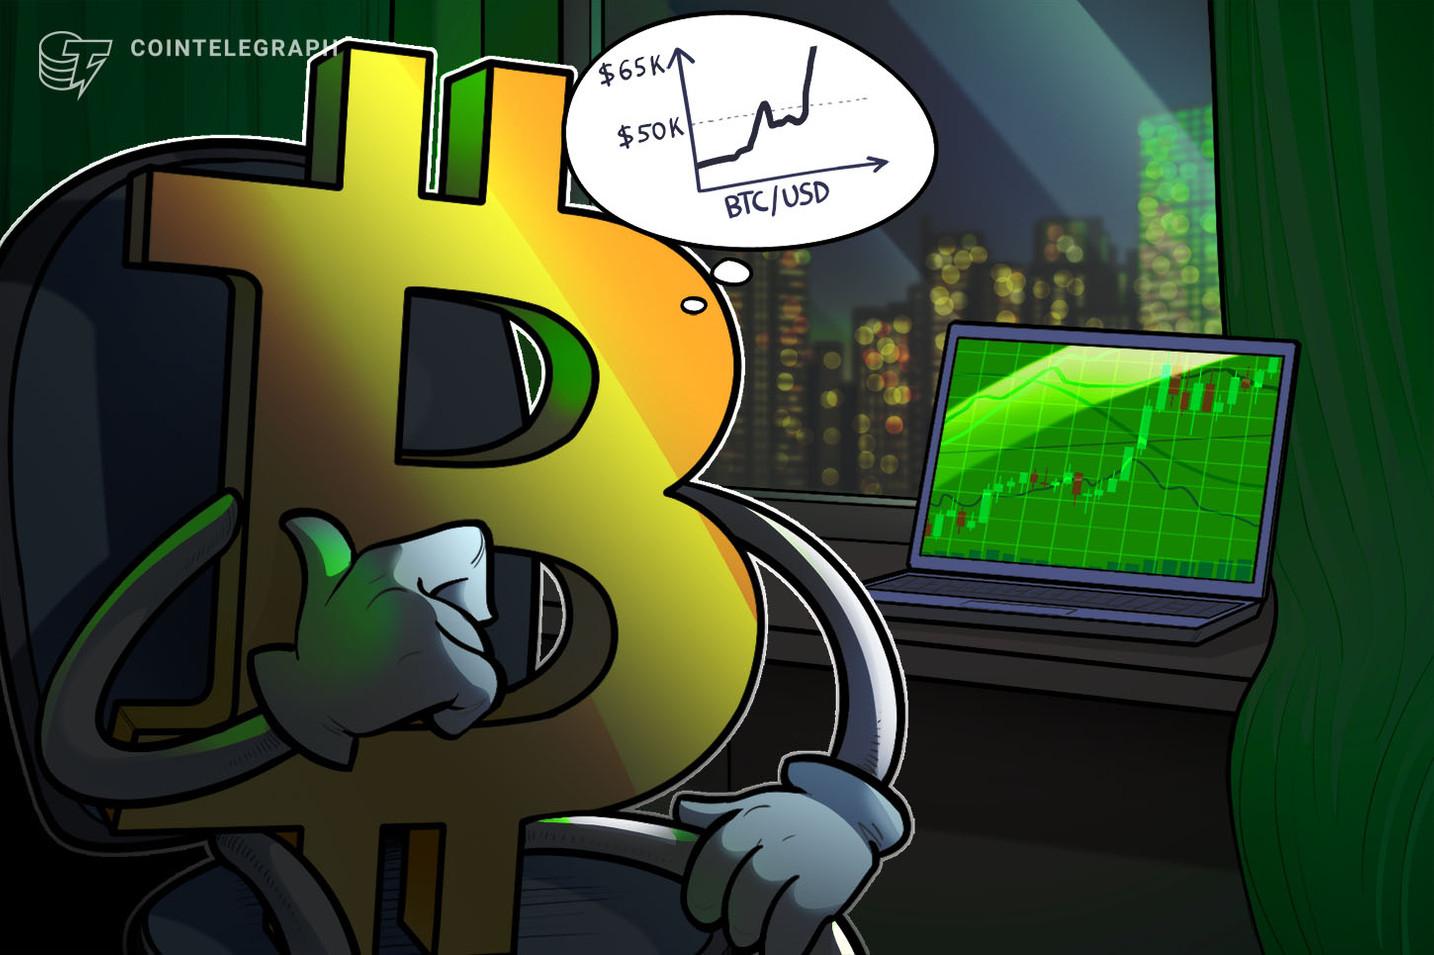 3 skäl till att Bitcoin plötsligt kan explodera till en ny $ 50K- $ 65K $